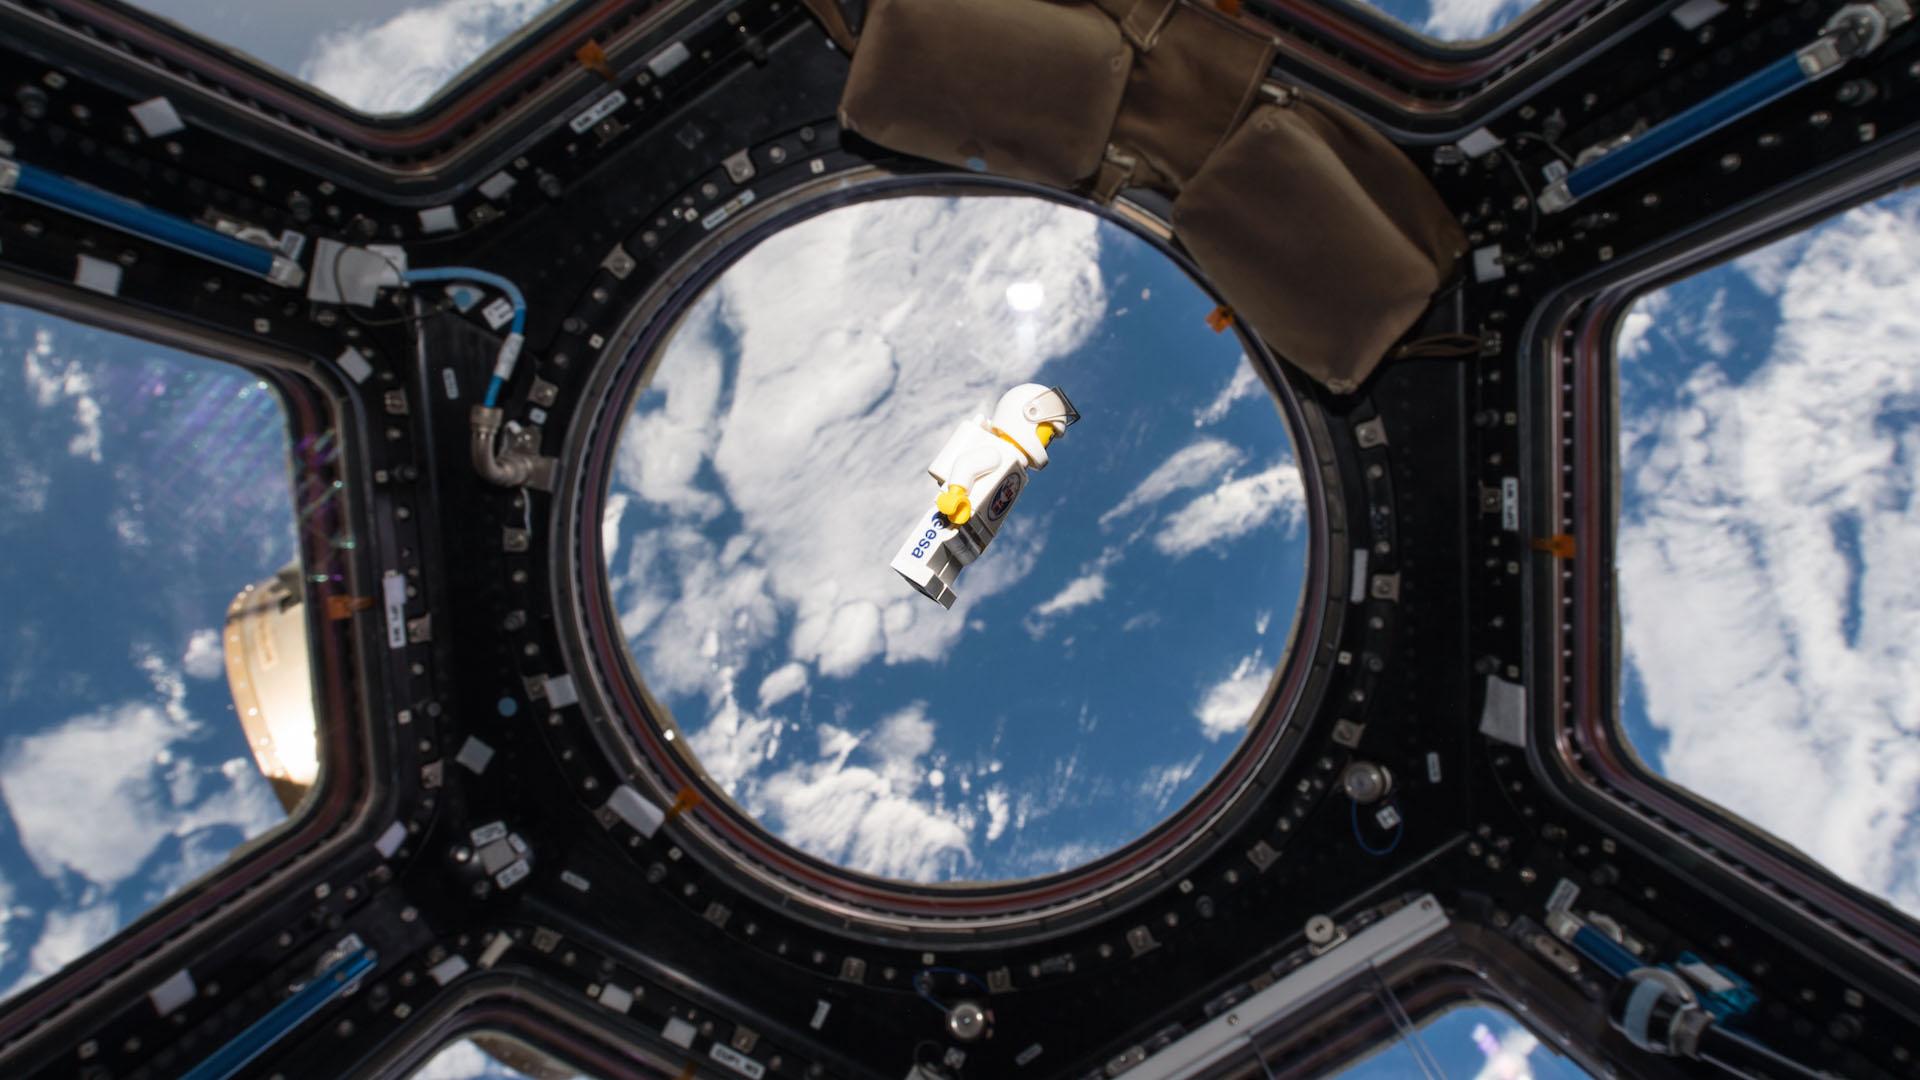 Лего-астронавт небо лего космос космонавт